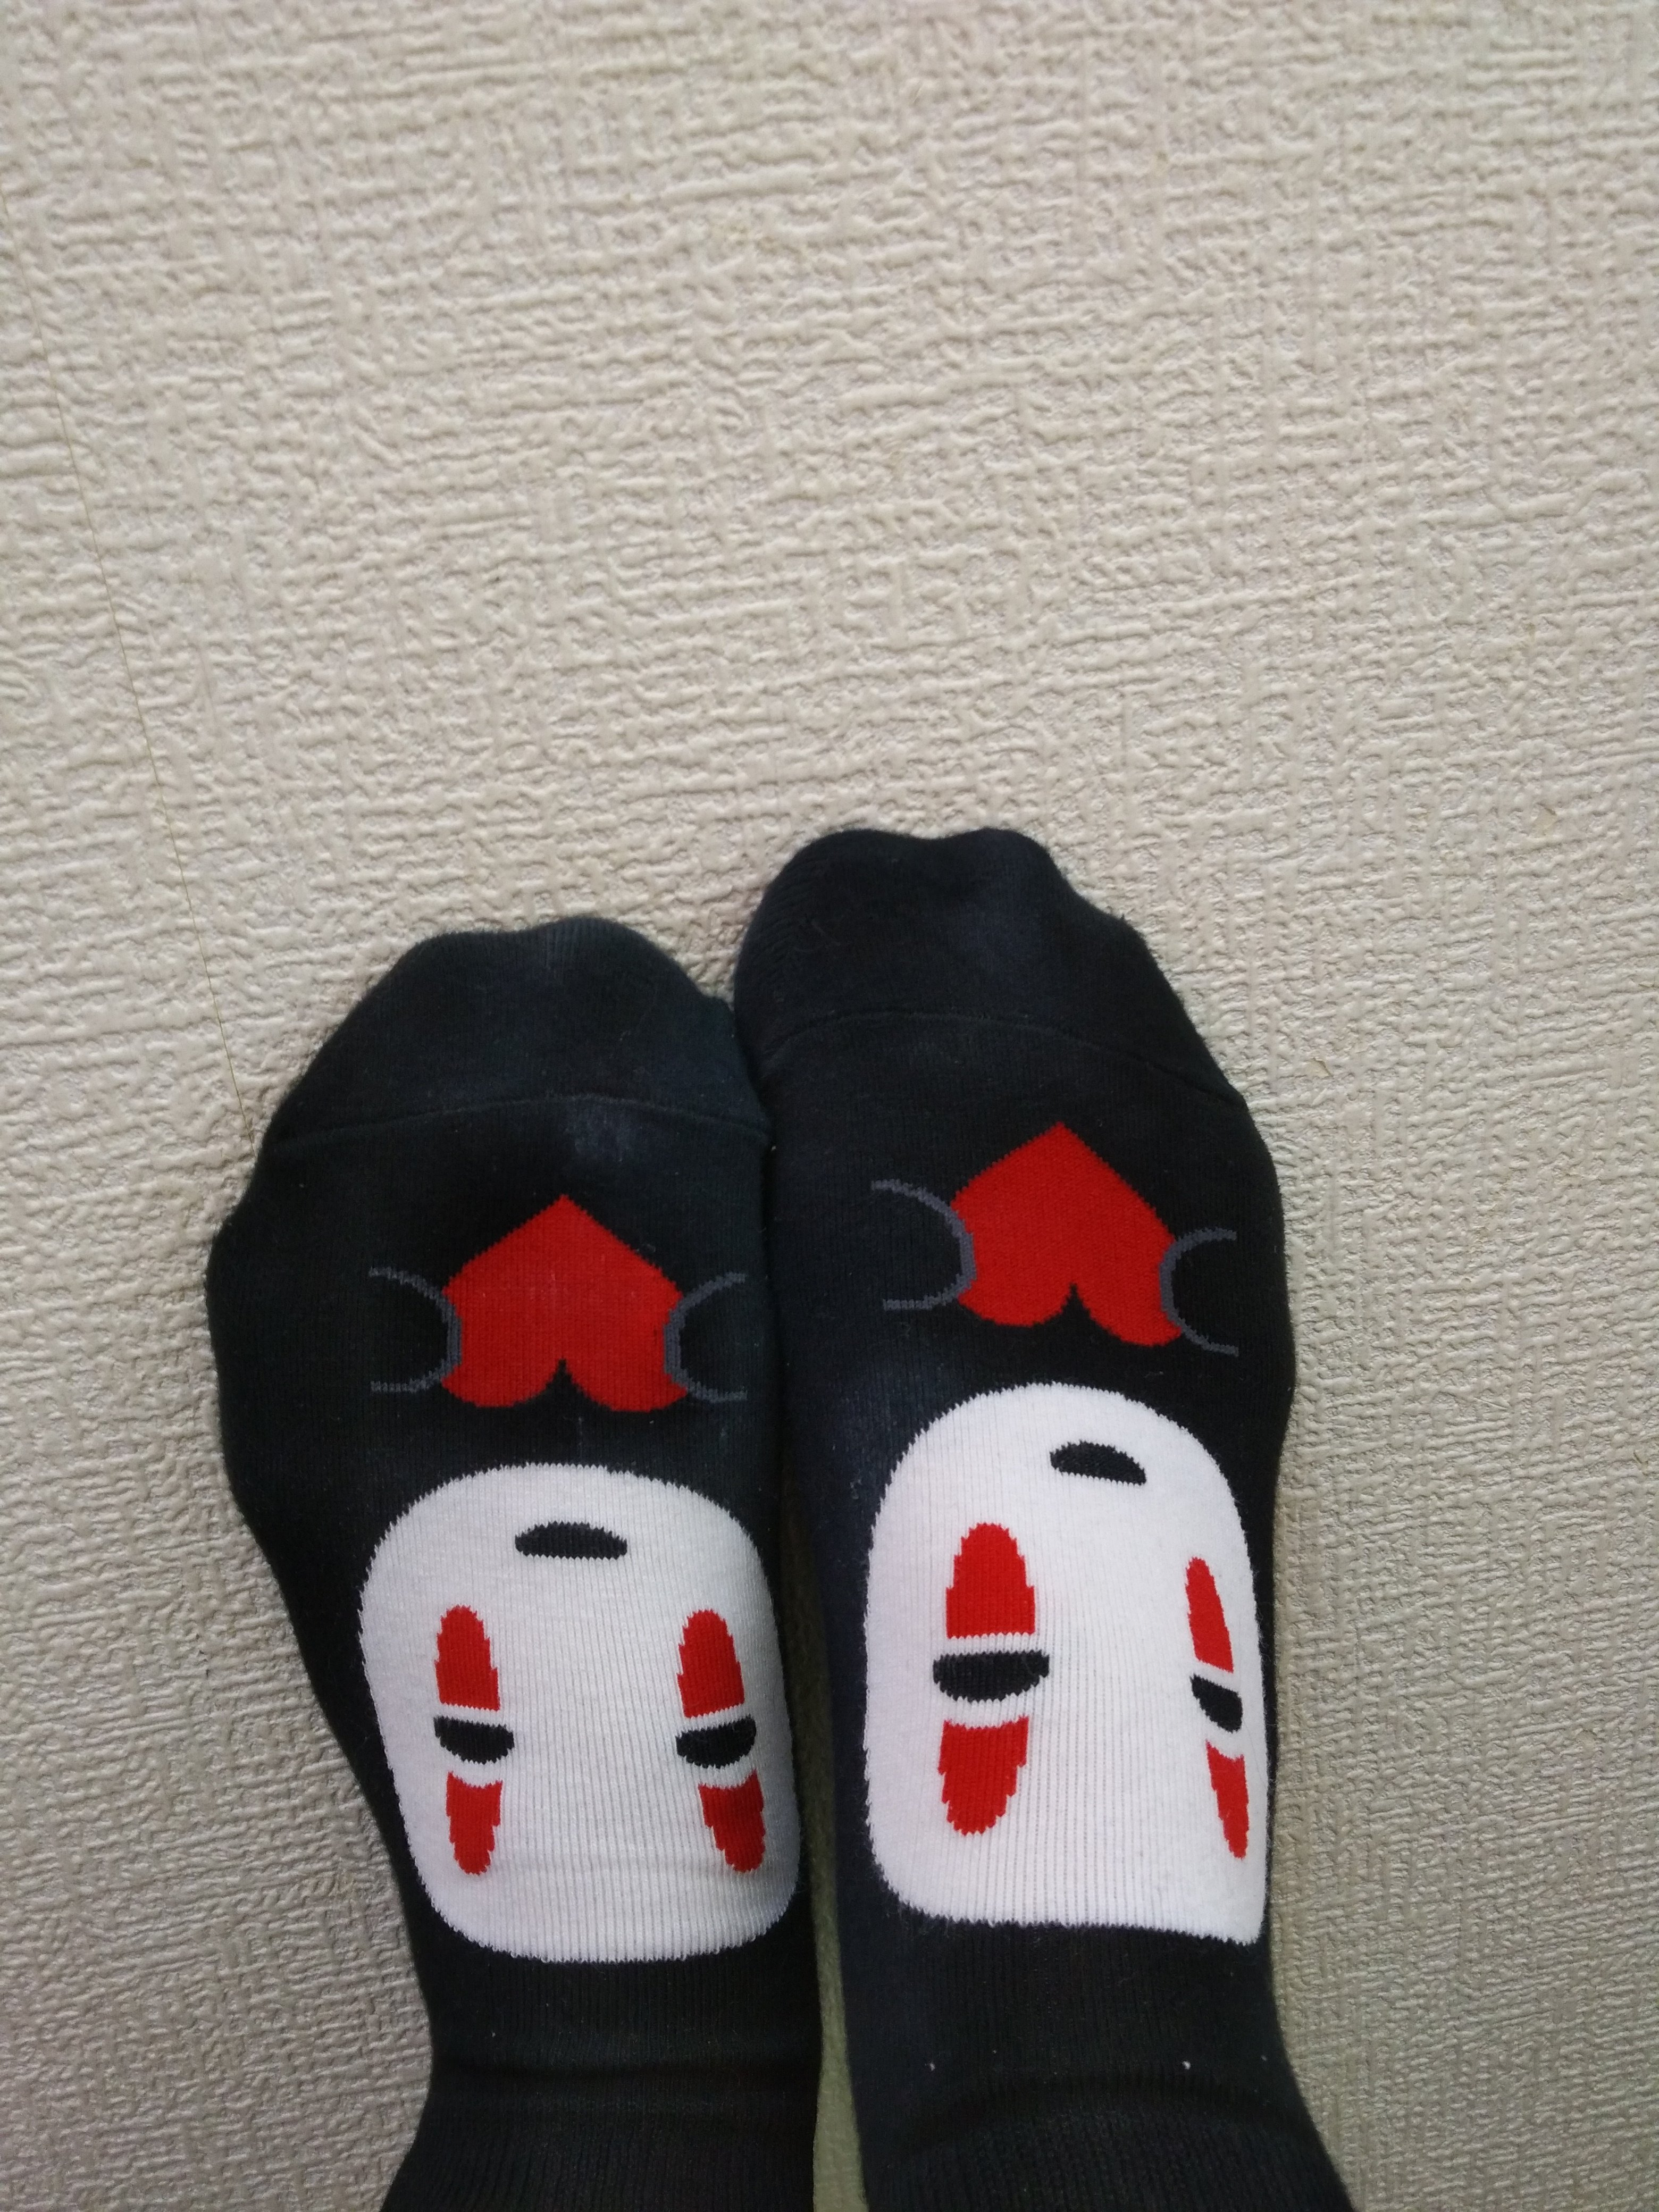 ジャジャーン!カオナシの靴下かわいい(≧▽≦)めずらしくないです…